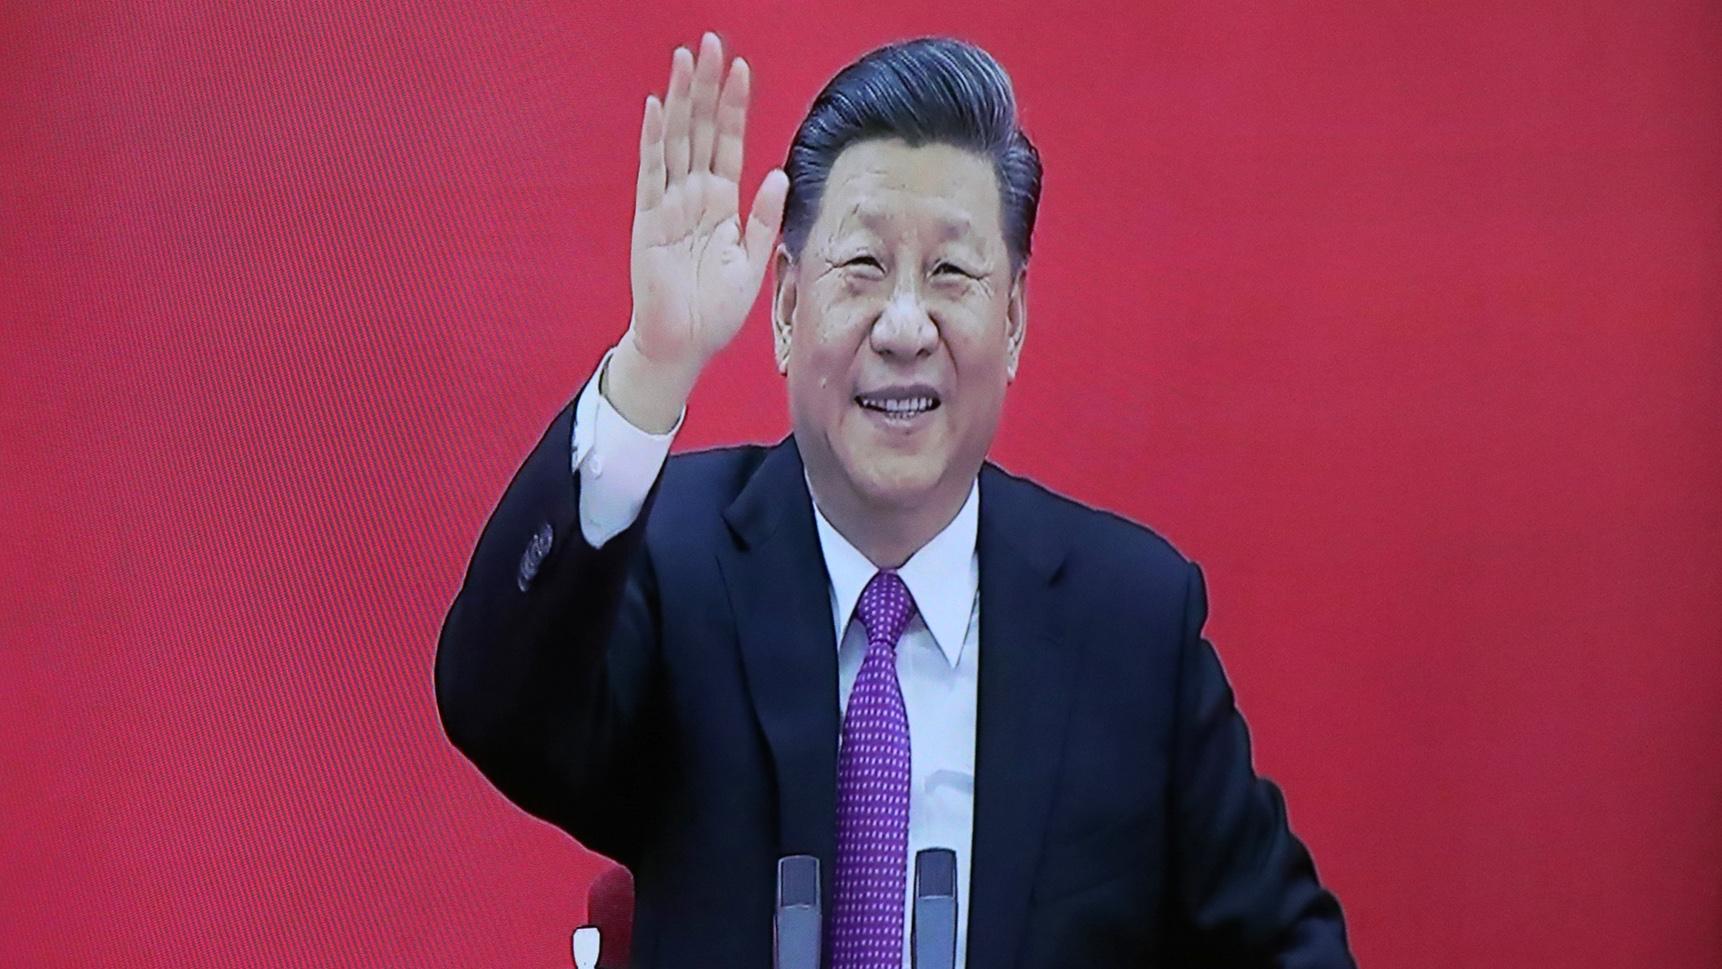 2019年12月2日,中国国家主席习近平出席一项活动时挥手。(资料图片/美联社)